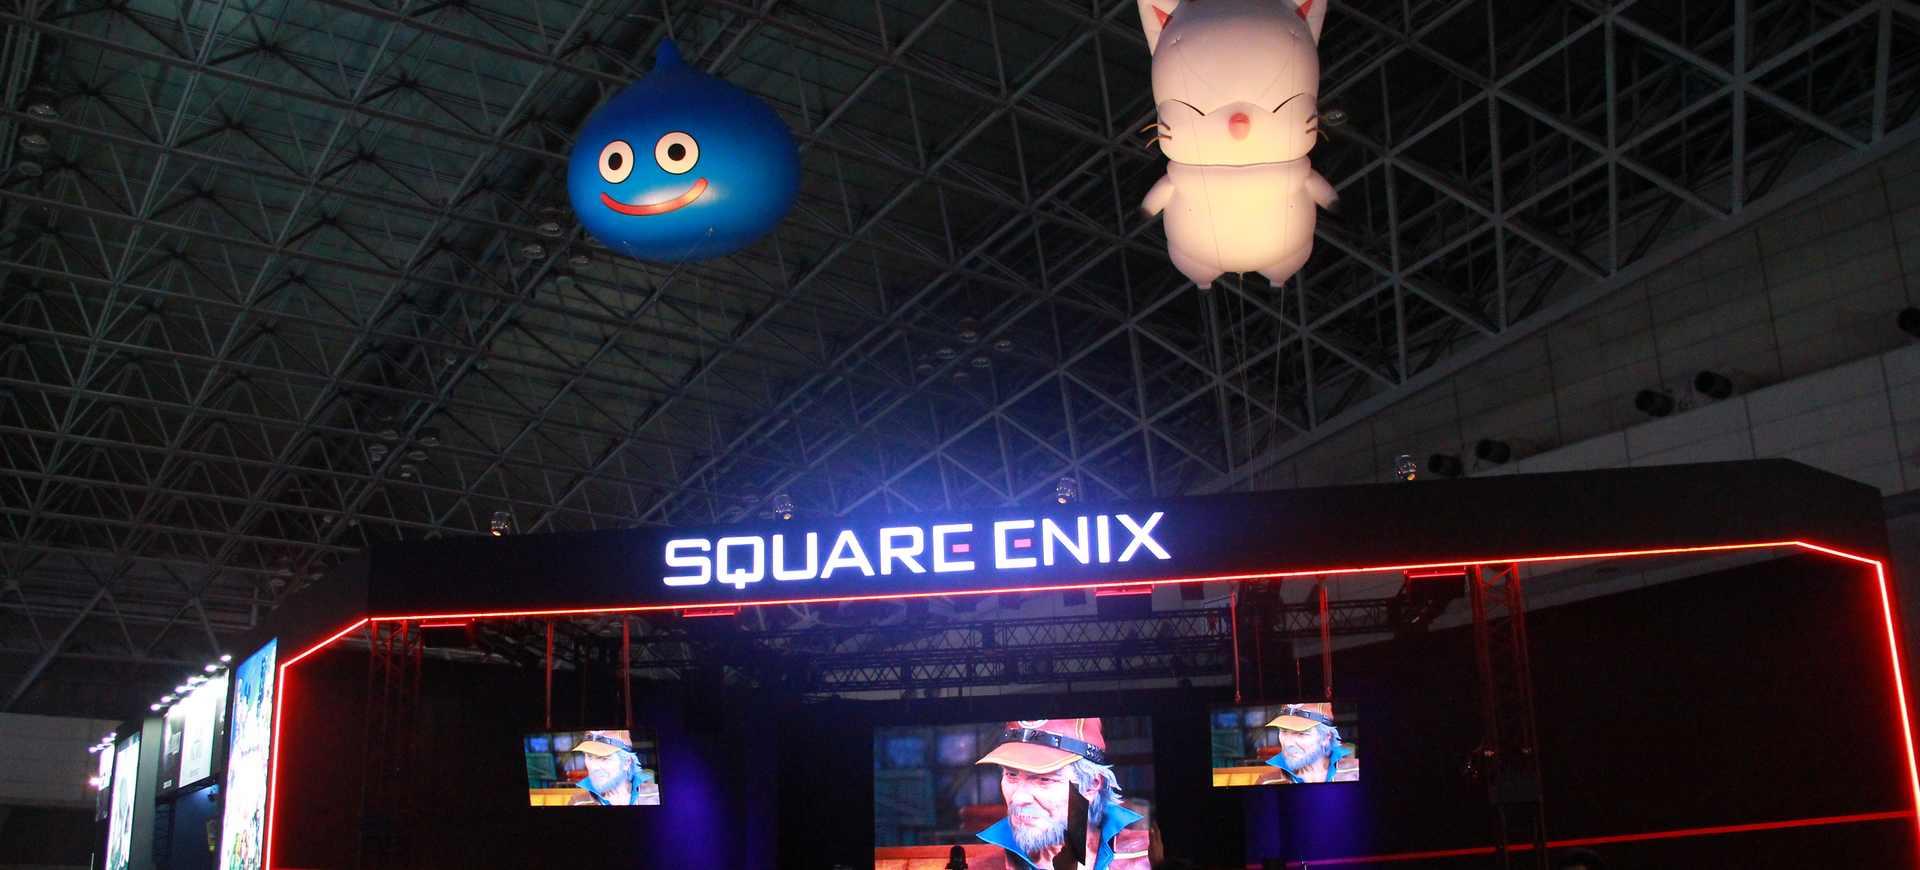 [TGS 2K17] Square Enix - Đội hình đa dạng mà vững chắc